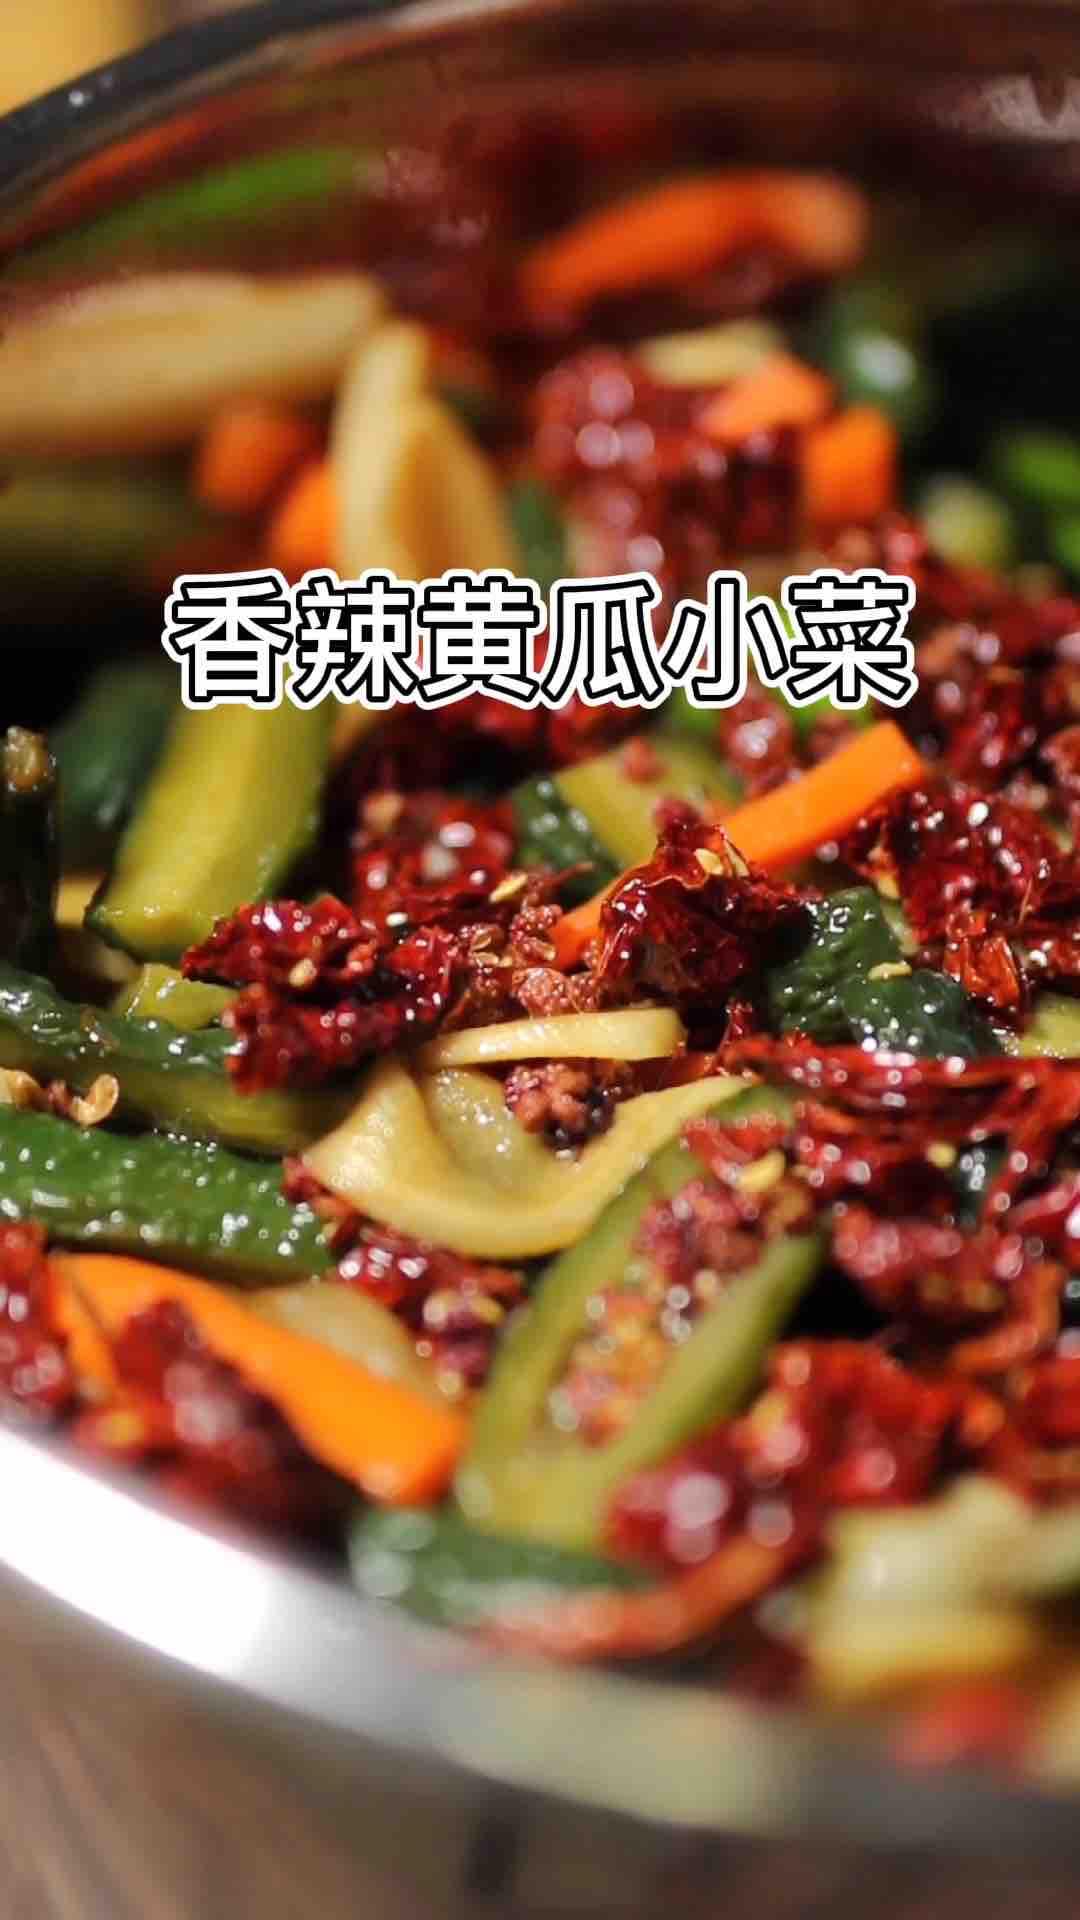 香辣黄瓜小菜的做法【步骤图】